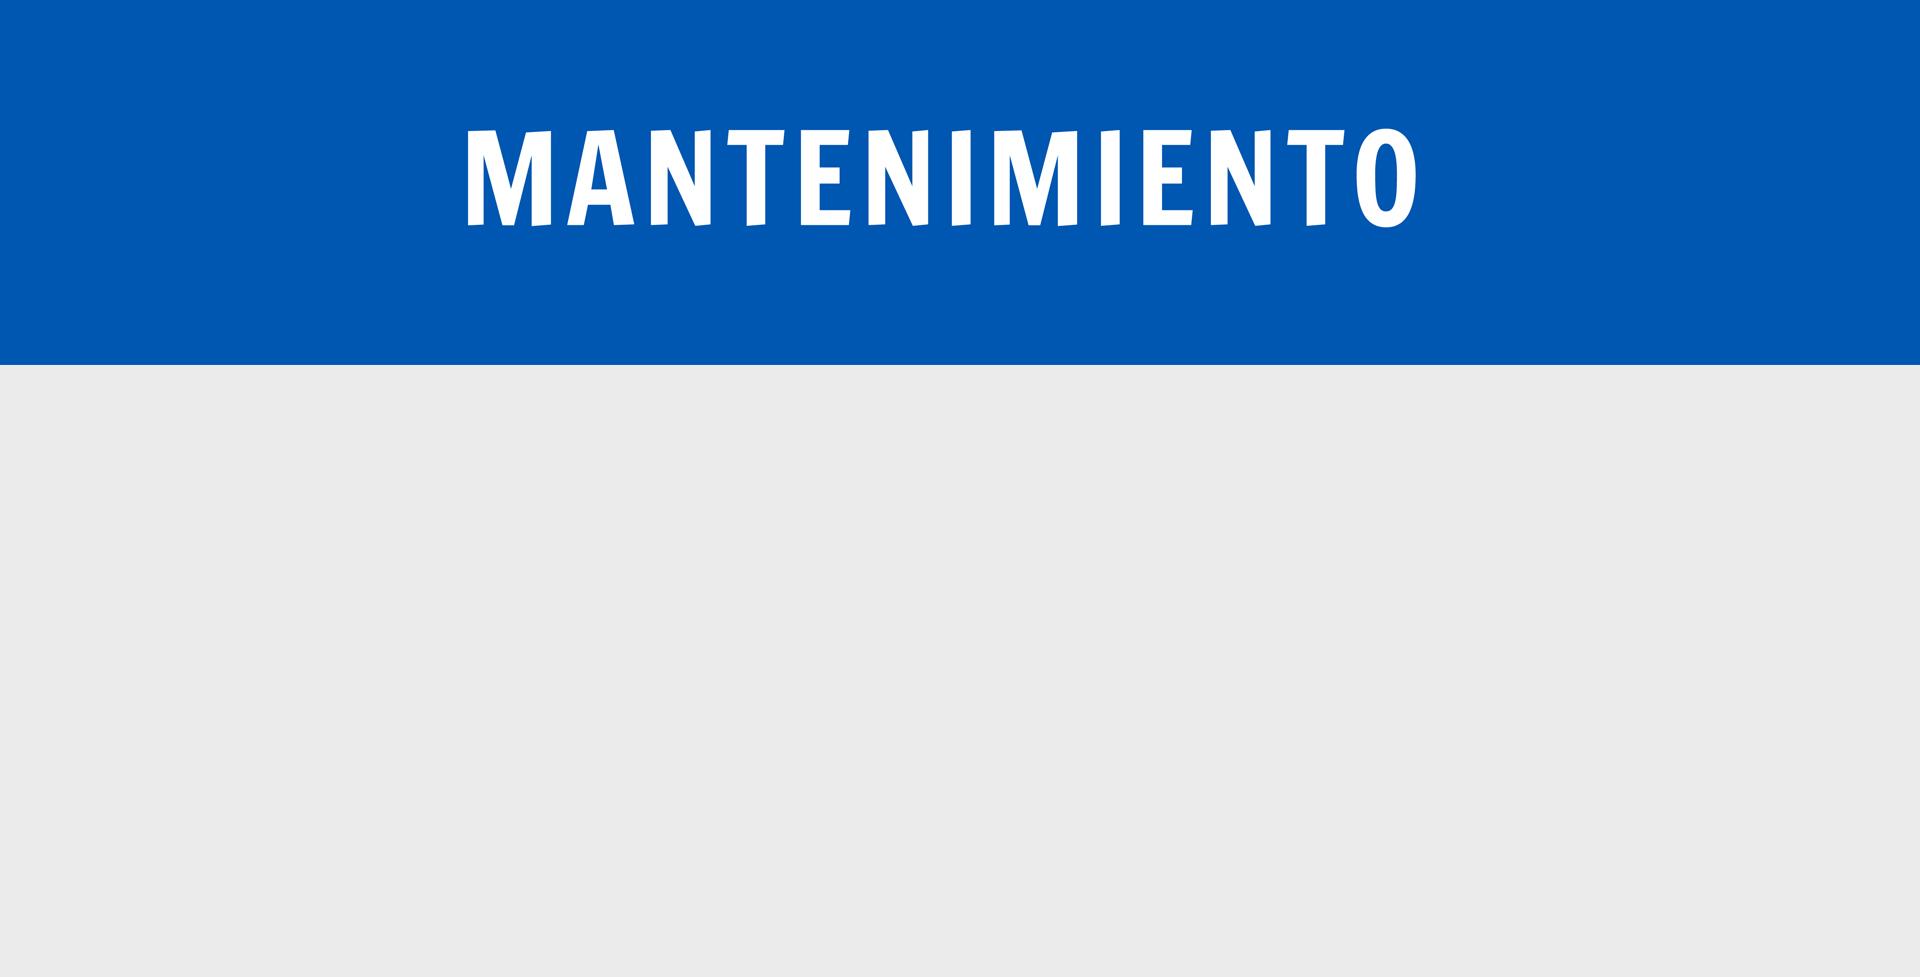 http://www.trtrefrigerados.com/wp-content/uploads/2017/01/mantenimiento.jpg